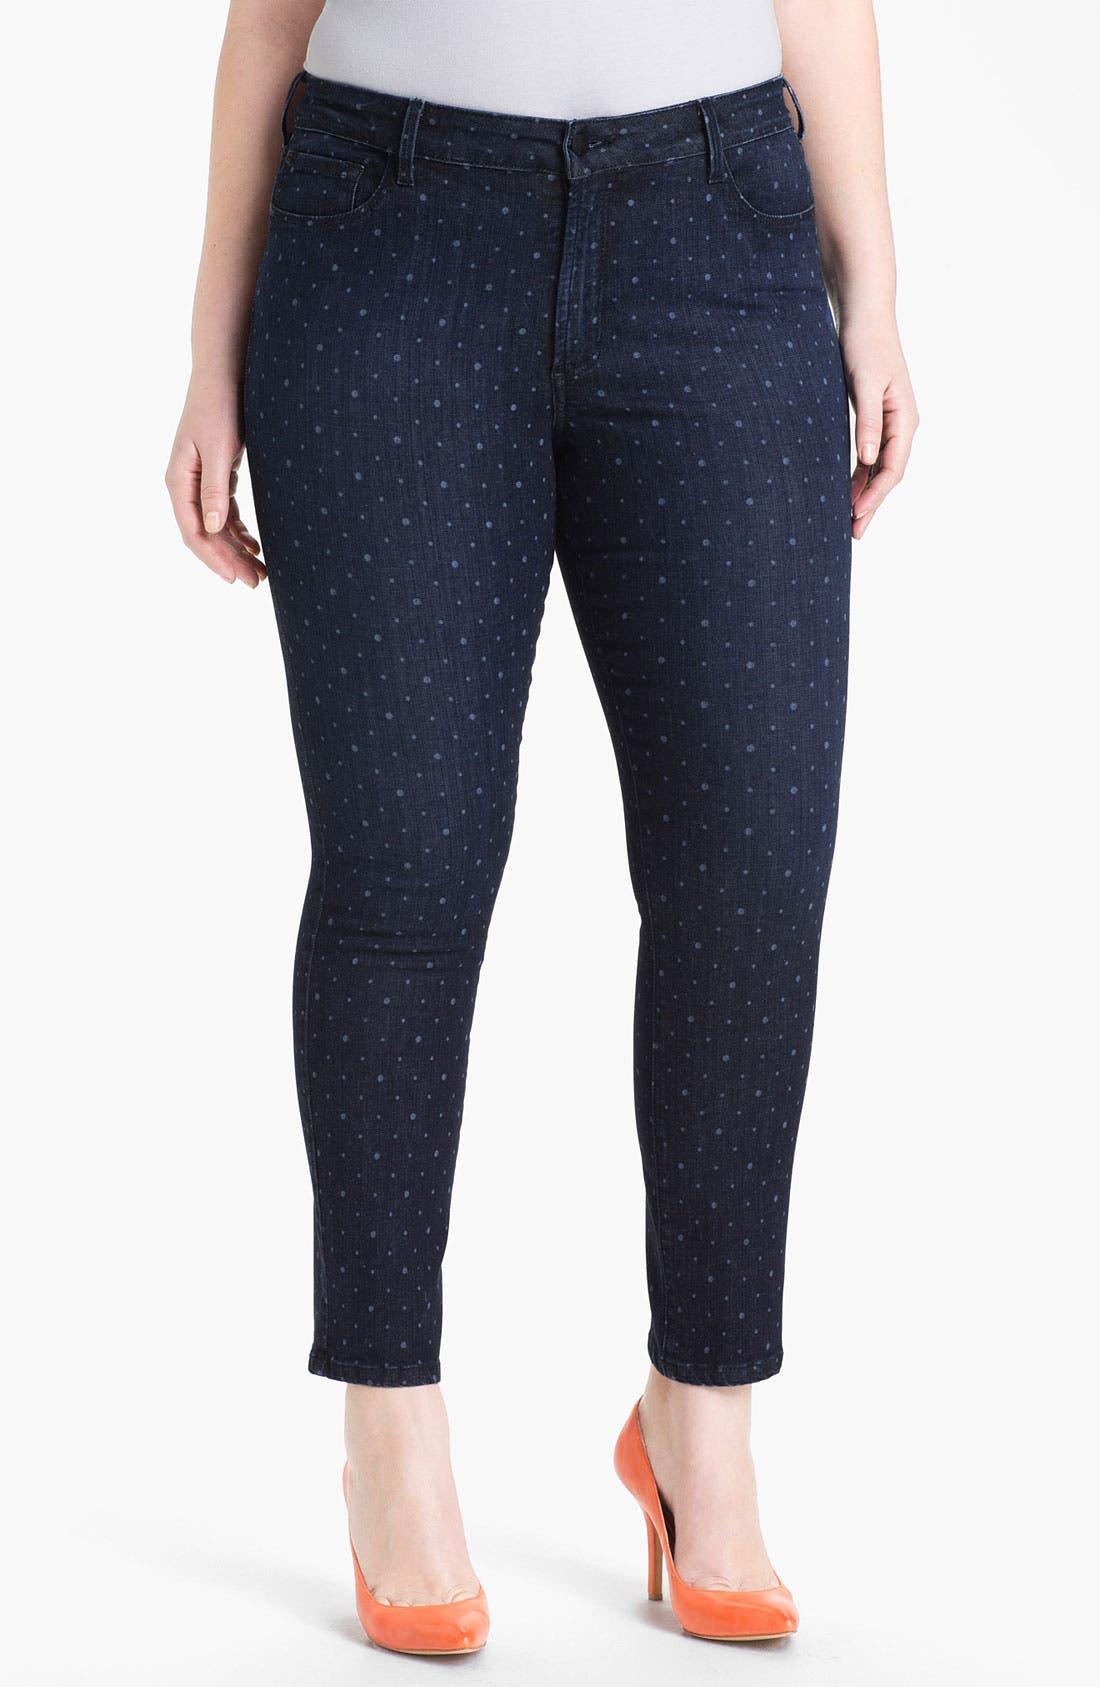 Main Image - NYDJ 'Sheri - Polka Dot' Print Skinny Ankle Jeans (Plus Size)